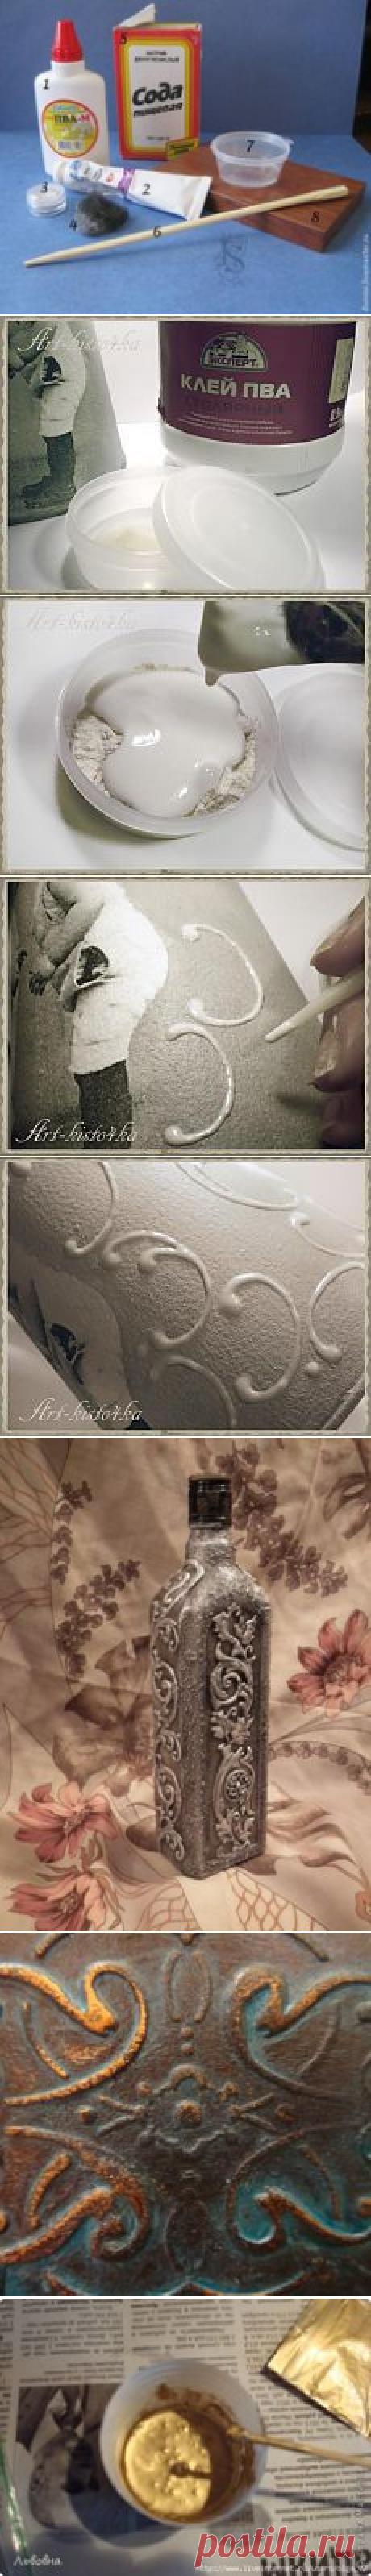 (1) Мастер-класс Поделка изделие Ассамбляж Сова - Хранительница ключей Картон Клей Краска Материал бросовый Фанера фото 3   Ideas